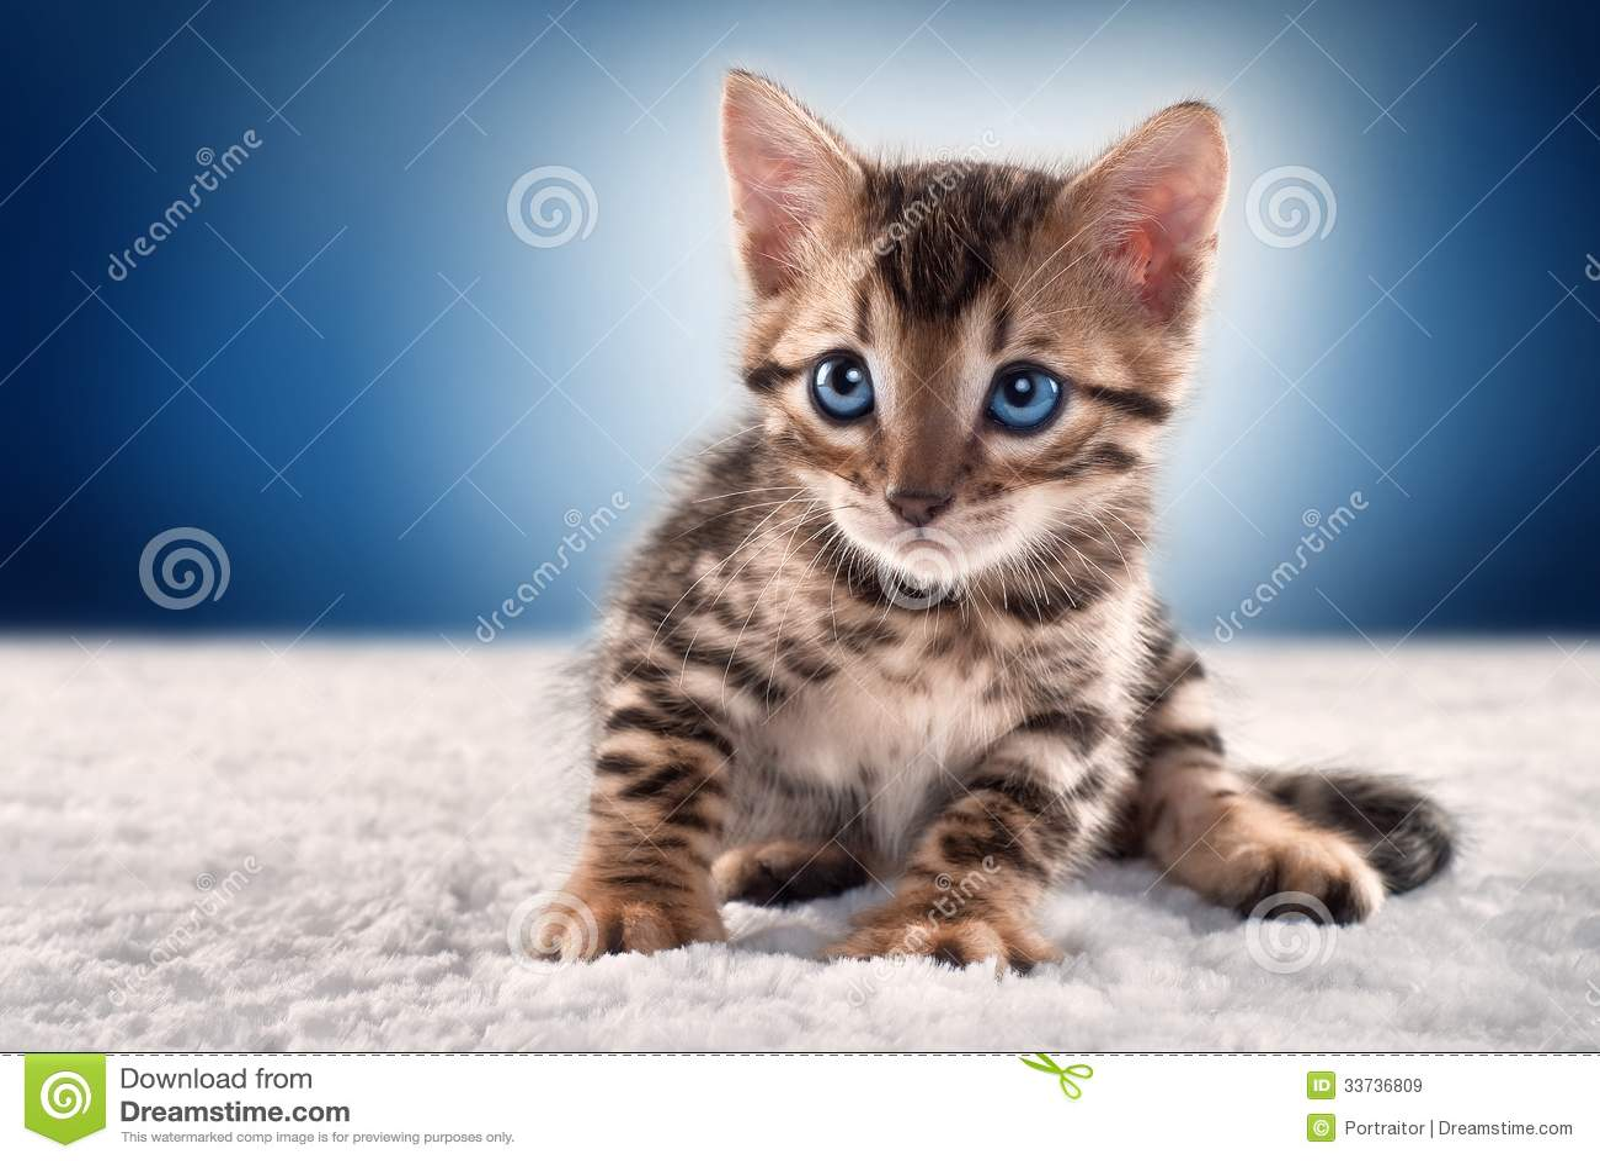 Het katje van Bengalen op blauwe achtergrond